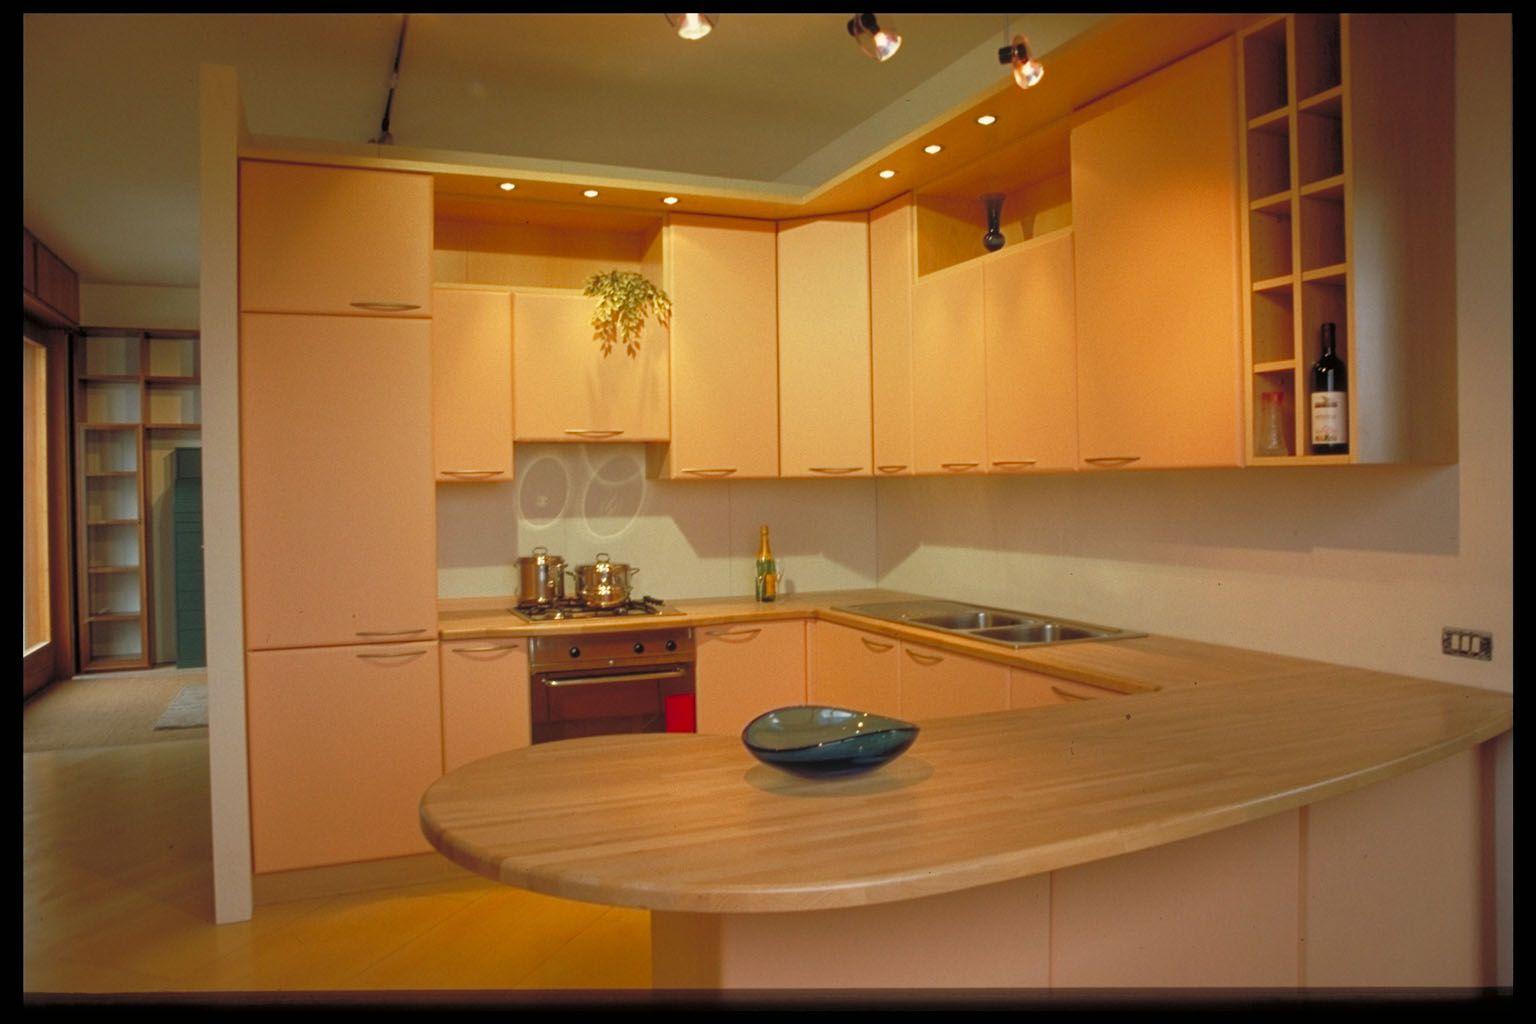 Cucine Angolari Piccole : Cucine ad angolo piccole. Progettare cucine ...